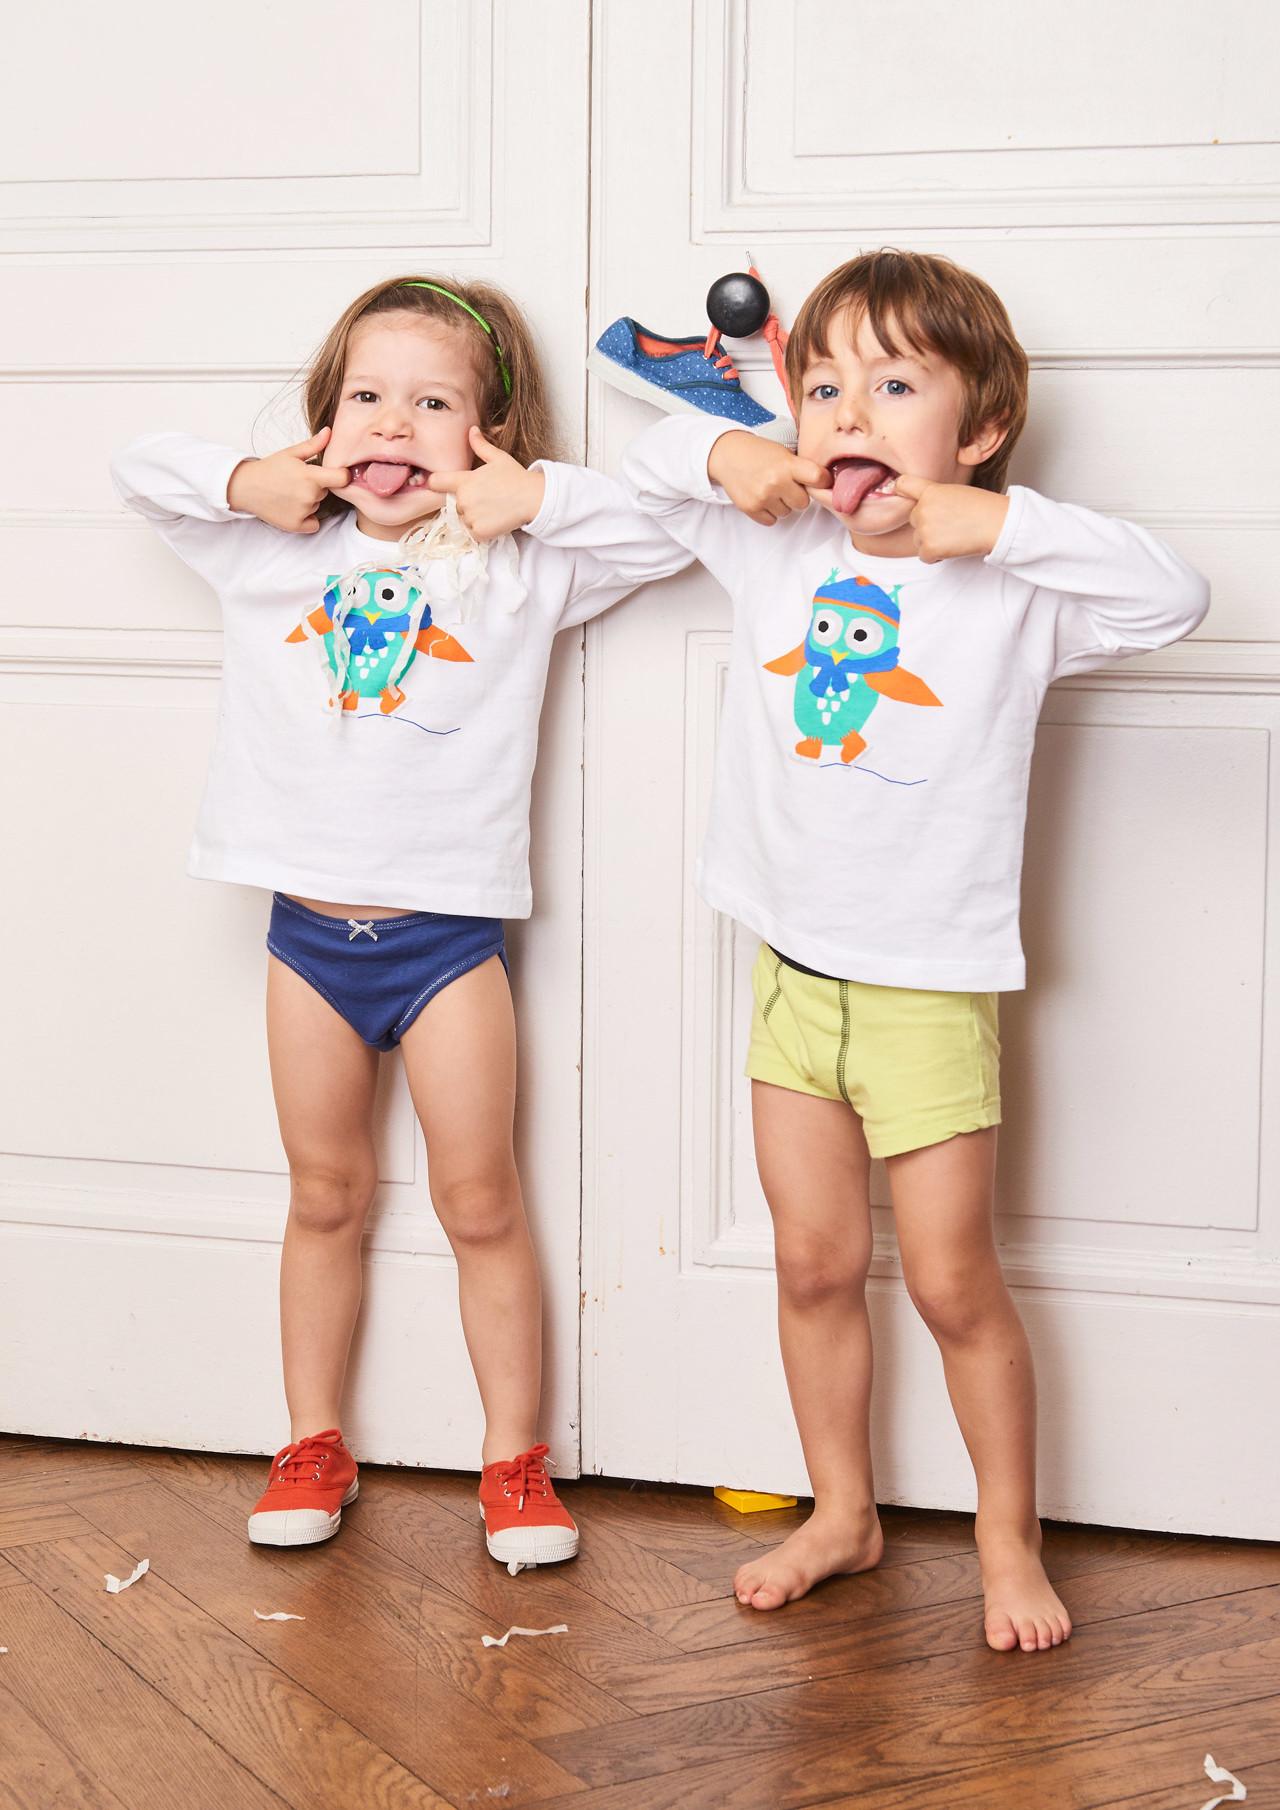 Haut Les Mains - Collection Enfant 2015-2016